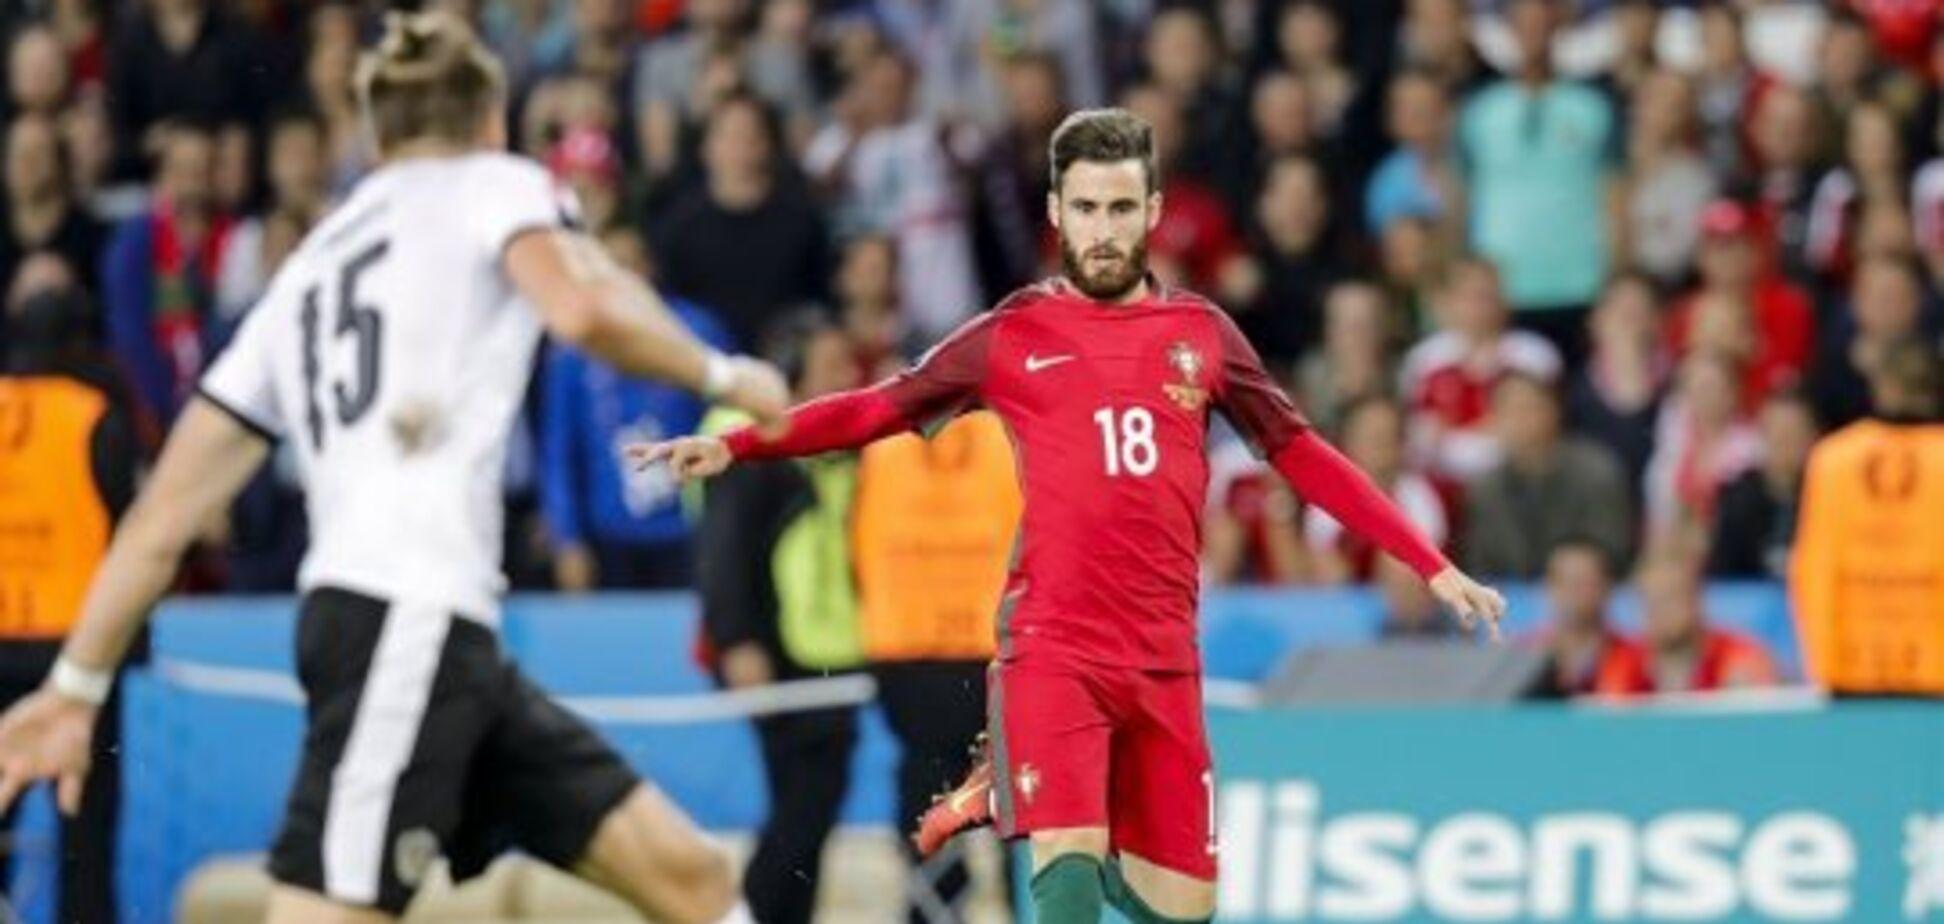 Україна – Португалія: чемпіони Європи зазнали серйозної втрати перед матчем відбору Євро-2020